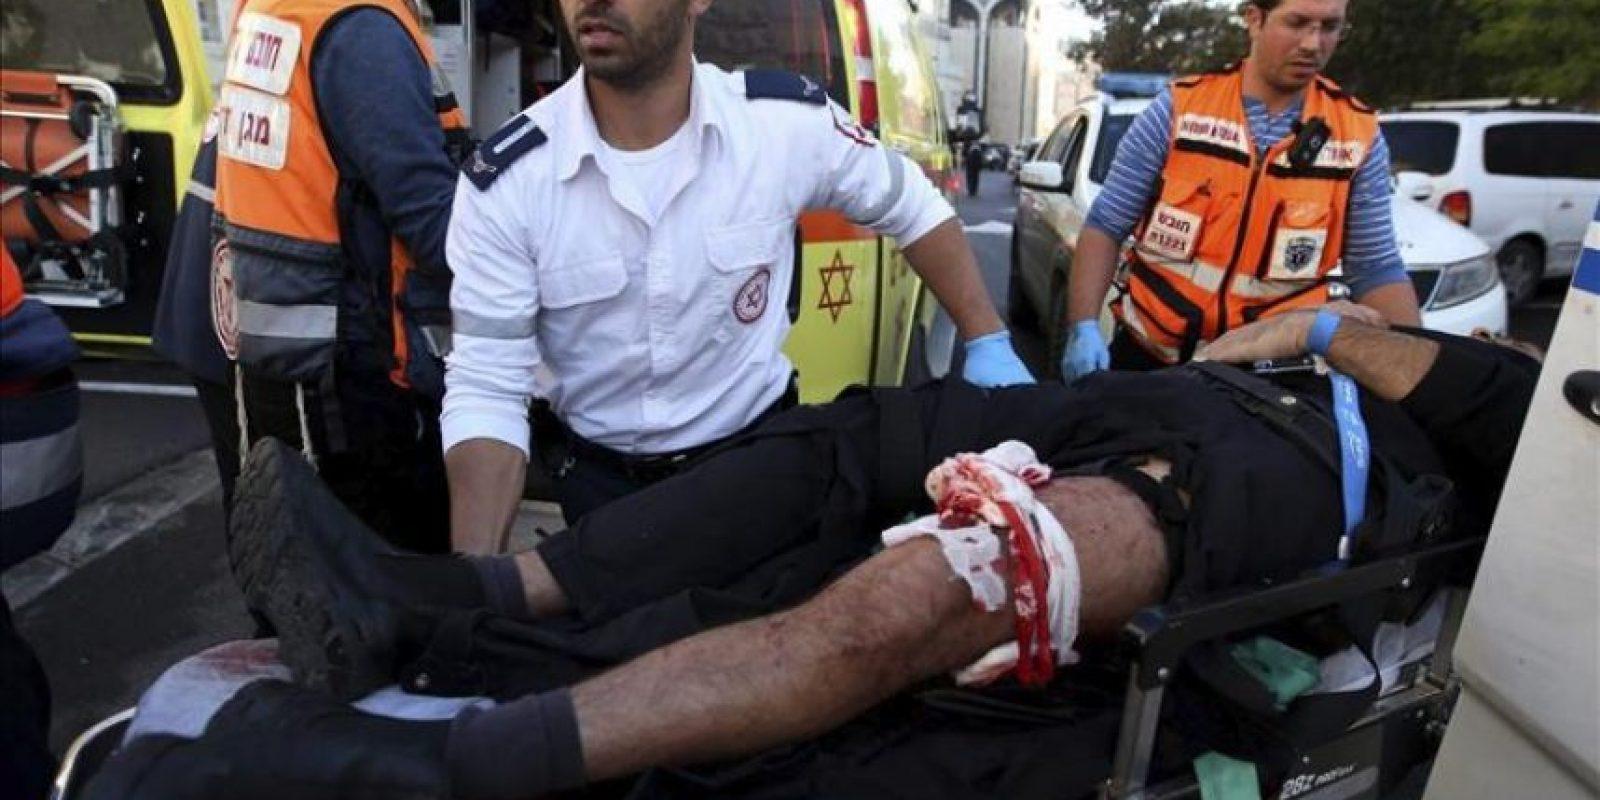 Un israelí herido es evacuado en ambulancia tras ser víctima del ataque contra una sinagoga en Jerusalén (Israel) hoy. EFE